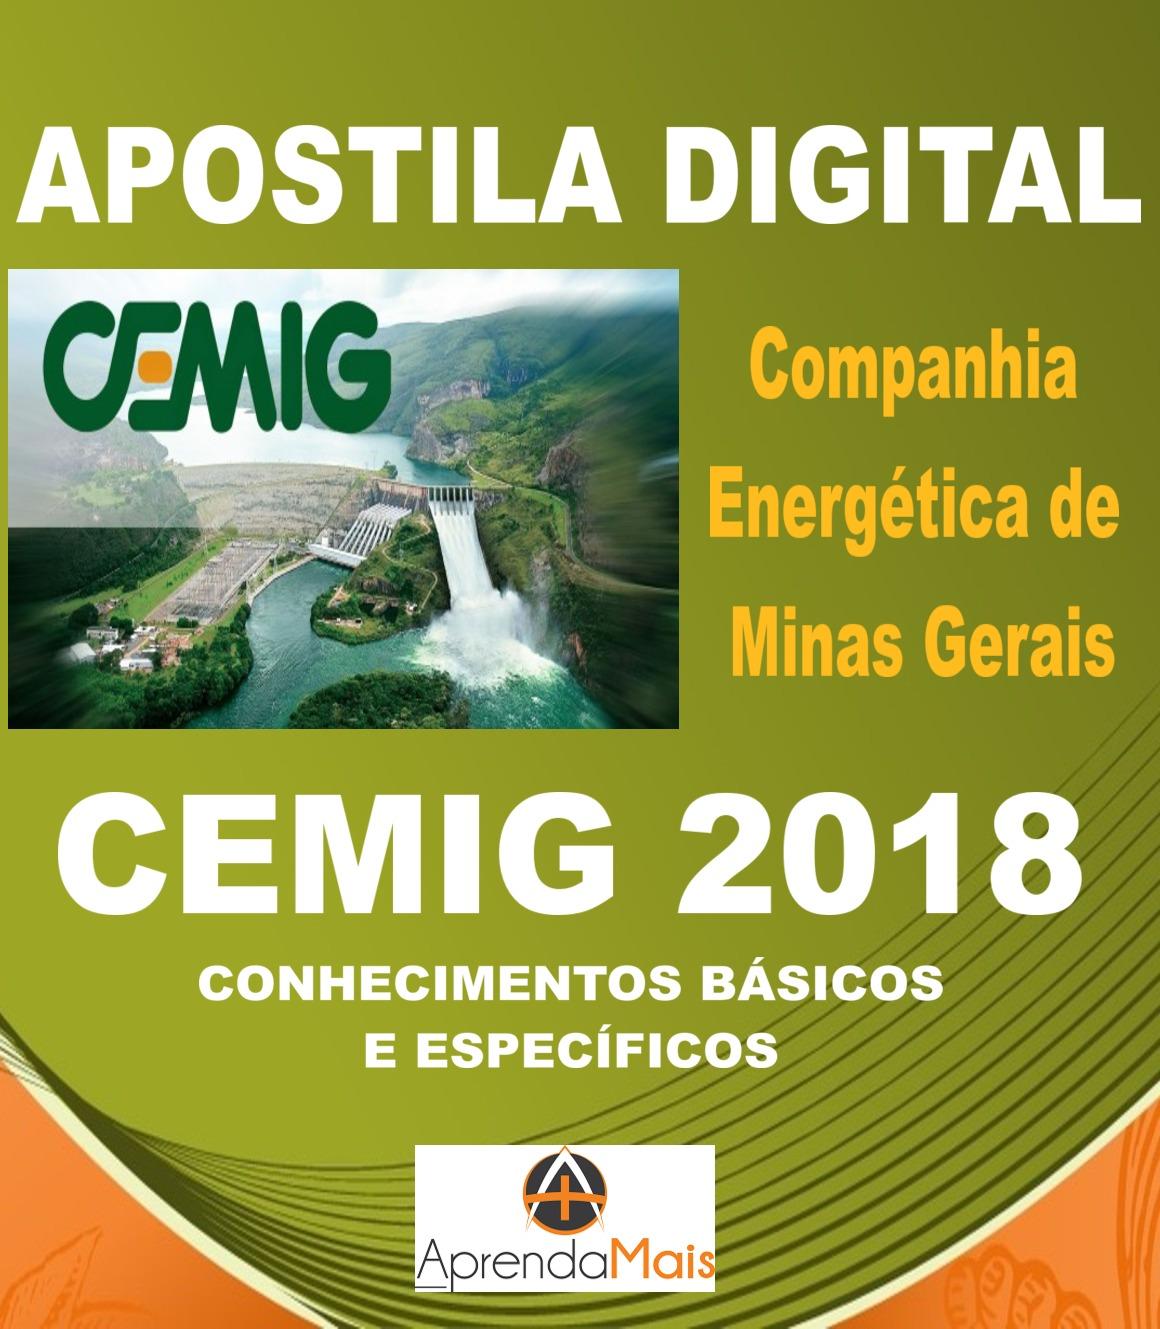 36eee63c955c7 http   www.aprendamaiscentrodeestudos.com.br apostila-cemig -2018-engenheiro-de-seguranca-do-trabalho-jr-803103566xJM